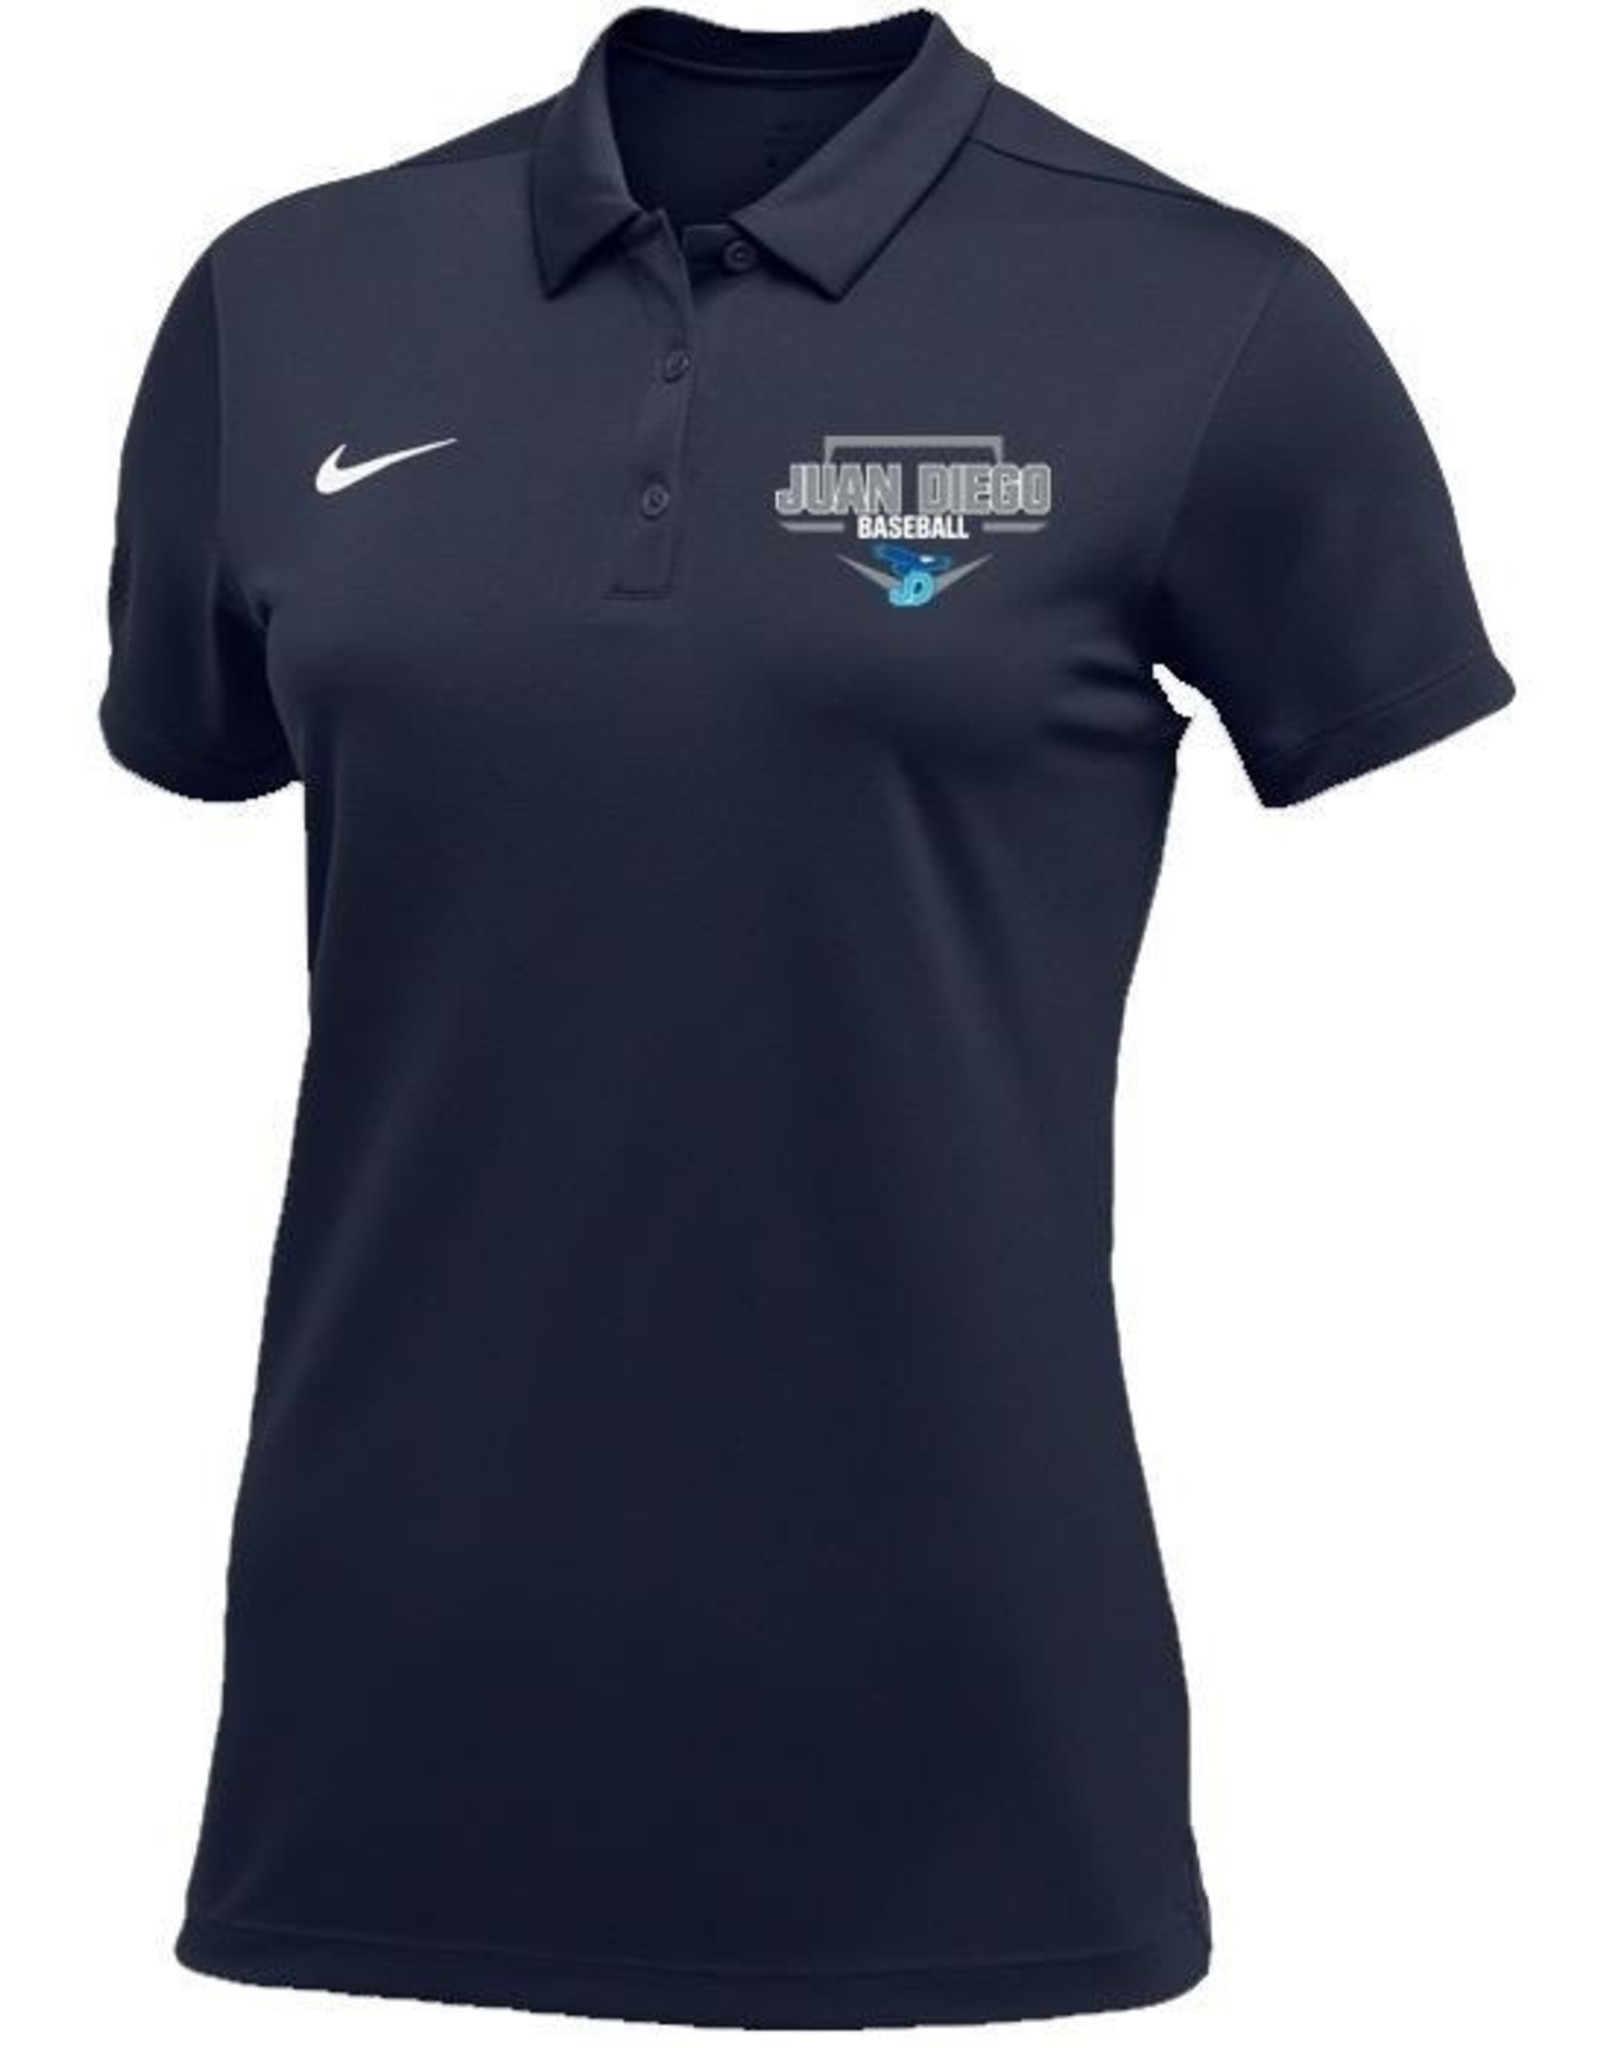 NON-UNIFORM Baseball - JD Baseball Custom Nike Women's Polo